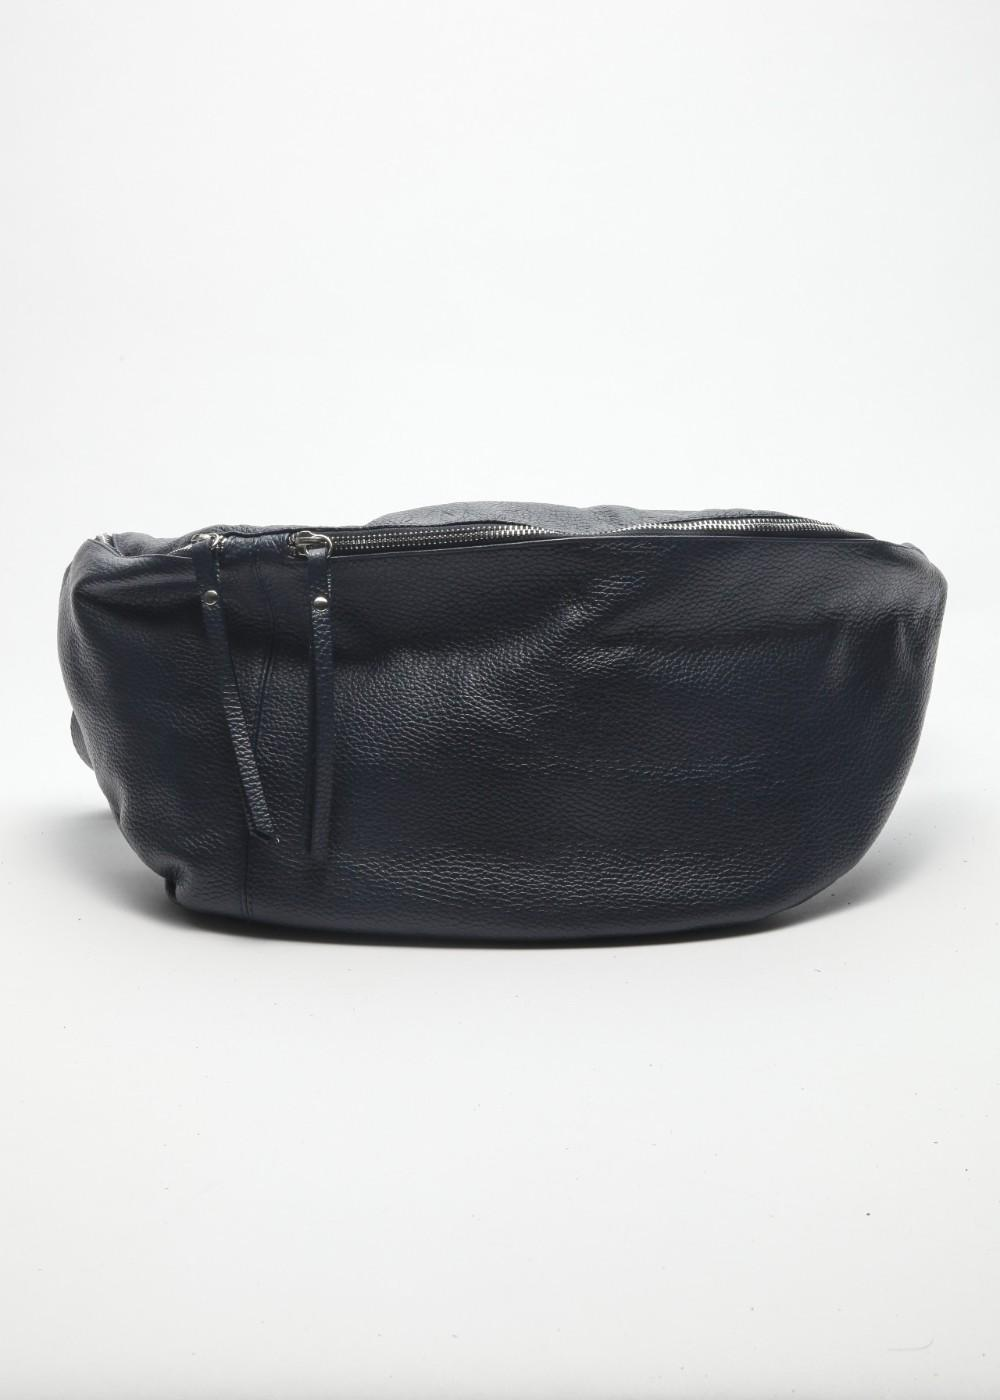 イタリアンカーフバッグ ネイビー - #1